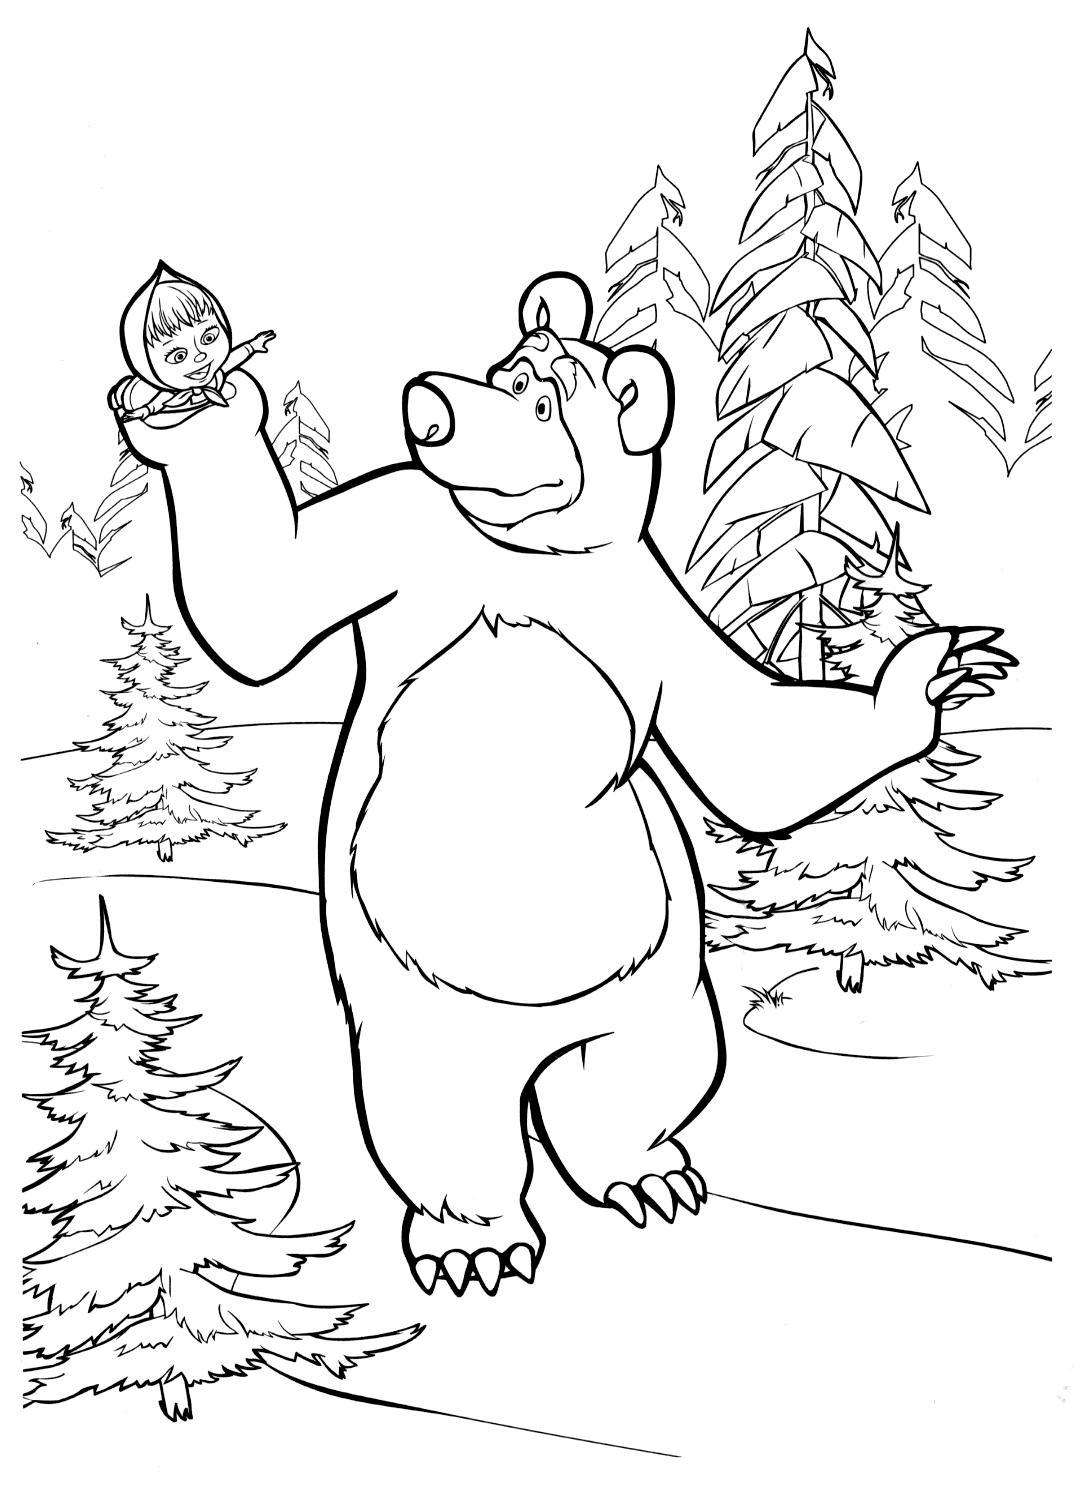 Рисунки для витражных красок из мульфильма маша и медведь. медведь катает машу